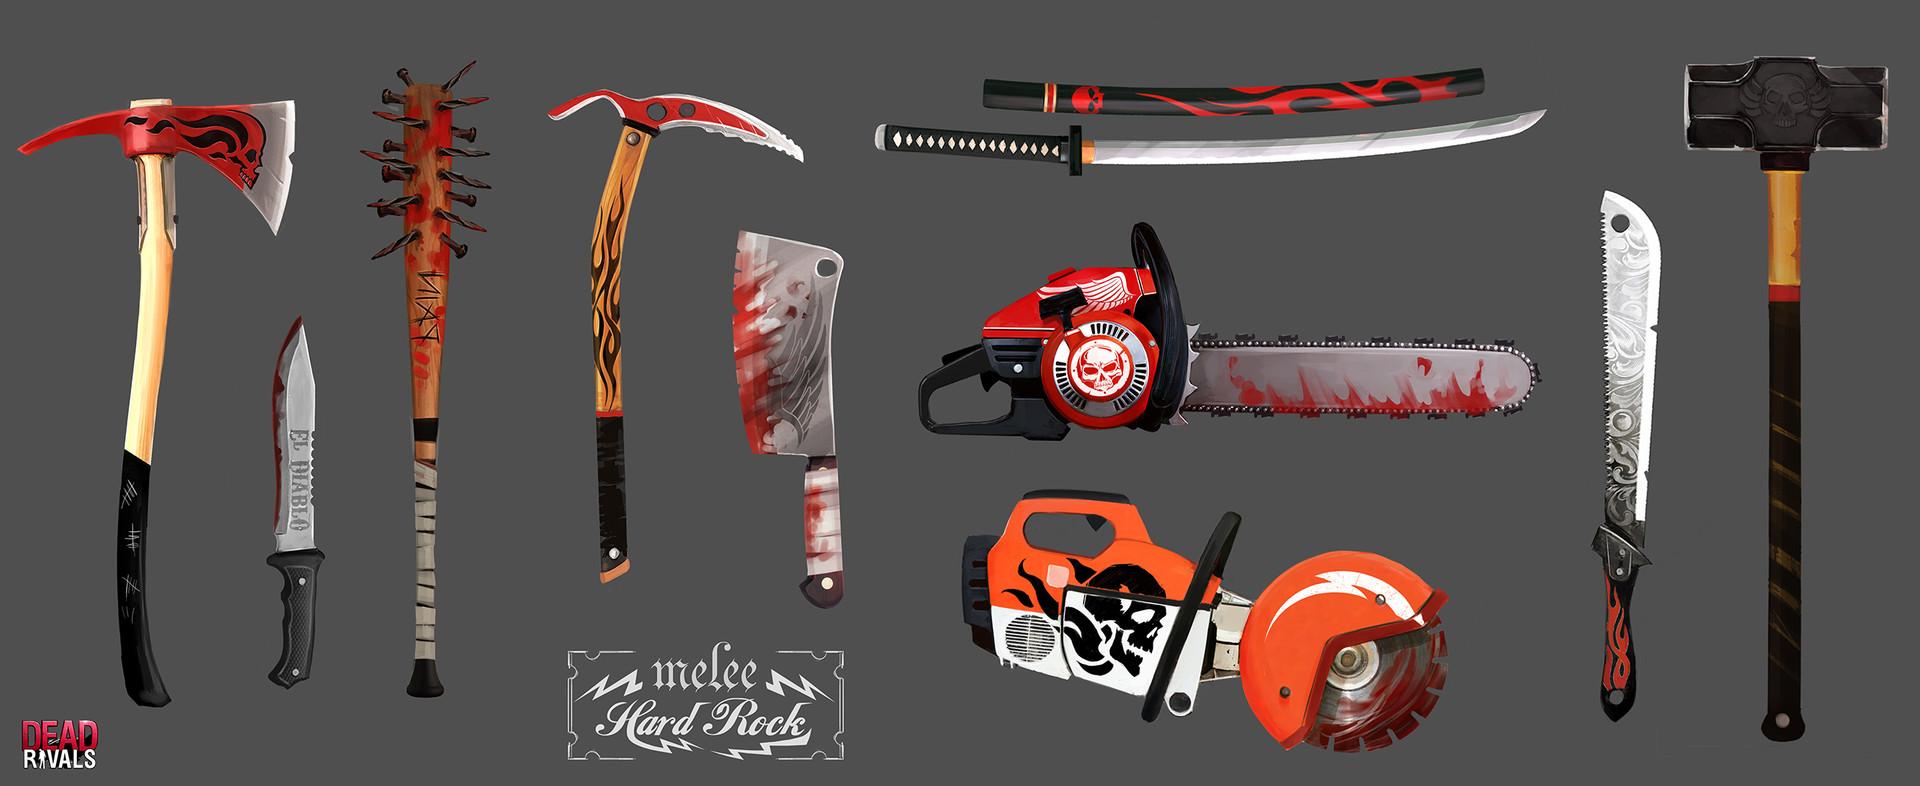 Alexandre chaudret dw props weapons 02